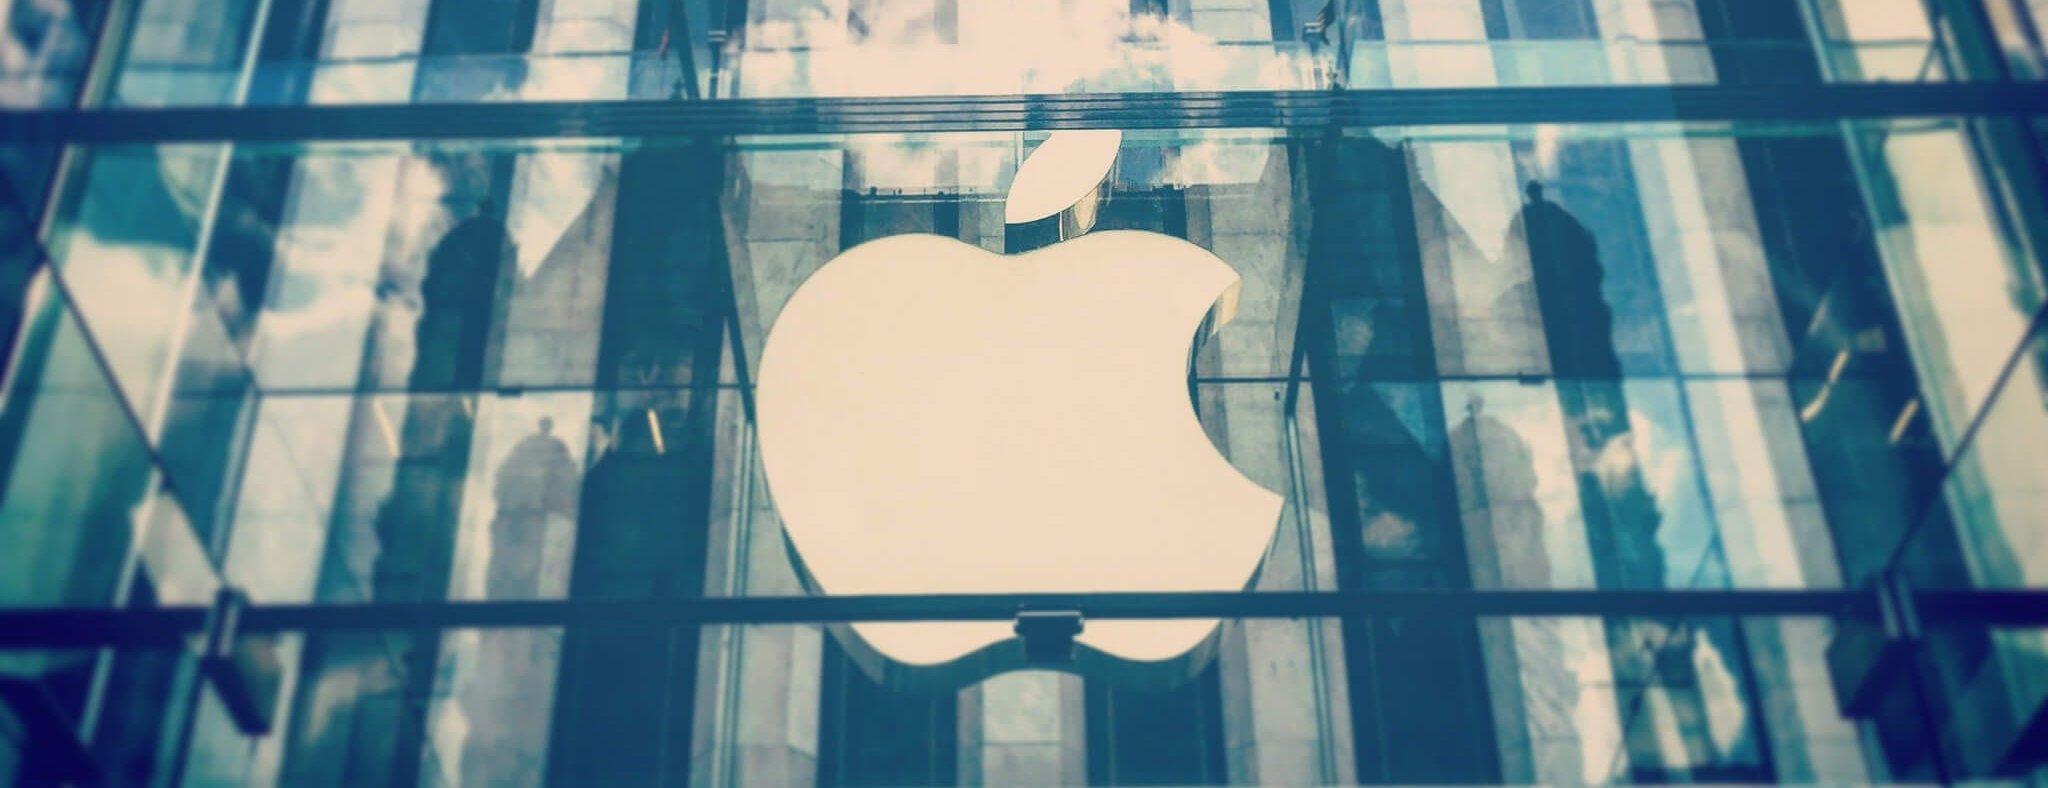 Von Apple's Gnaden? – App-Programmierung und Zulassungsrichtlinien